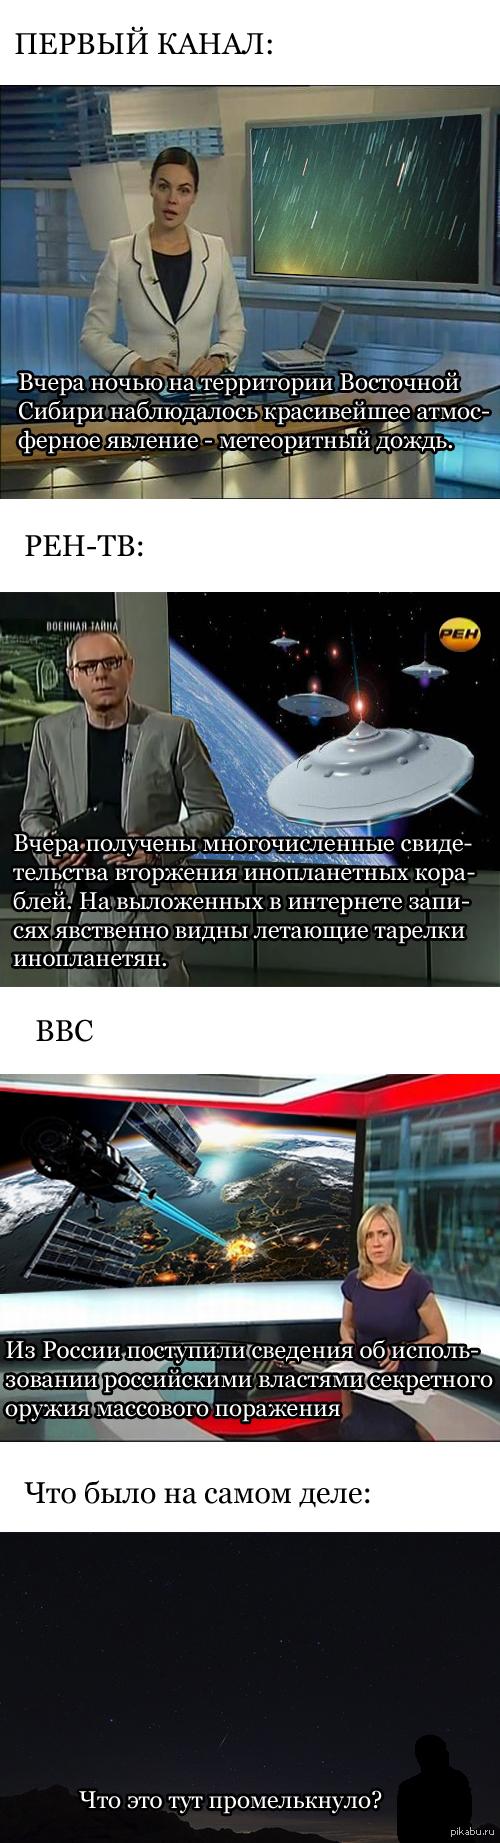 Вся суть современных новостей.